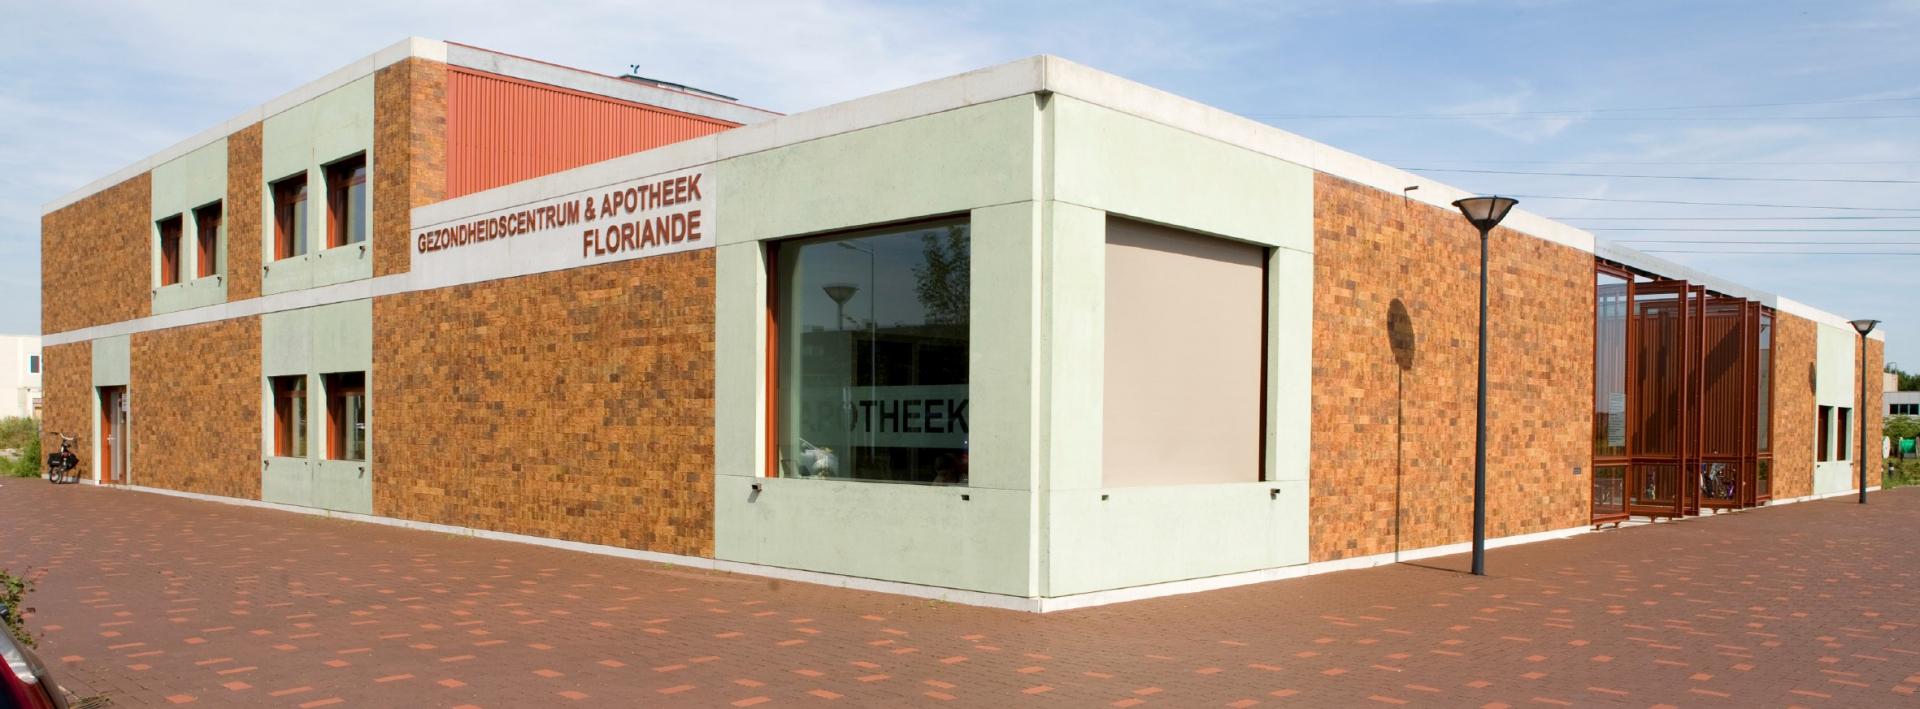 Gezondheidscentrum Floriande, Hoofddorp